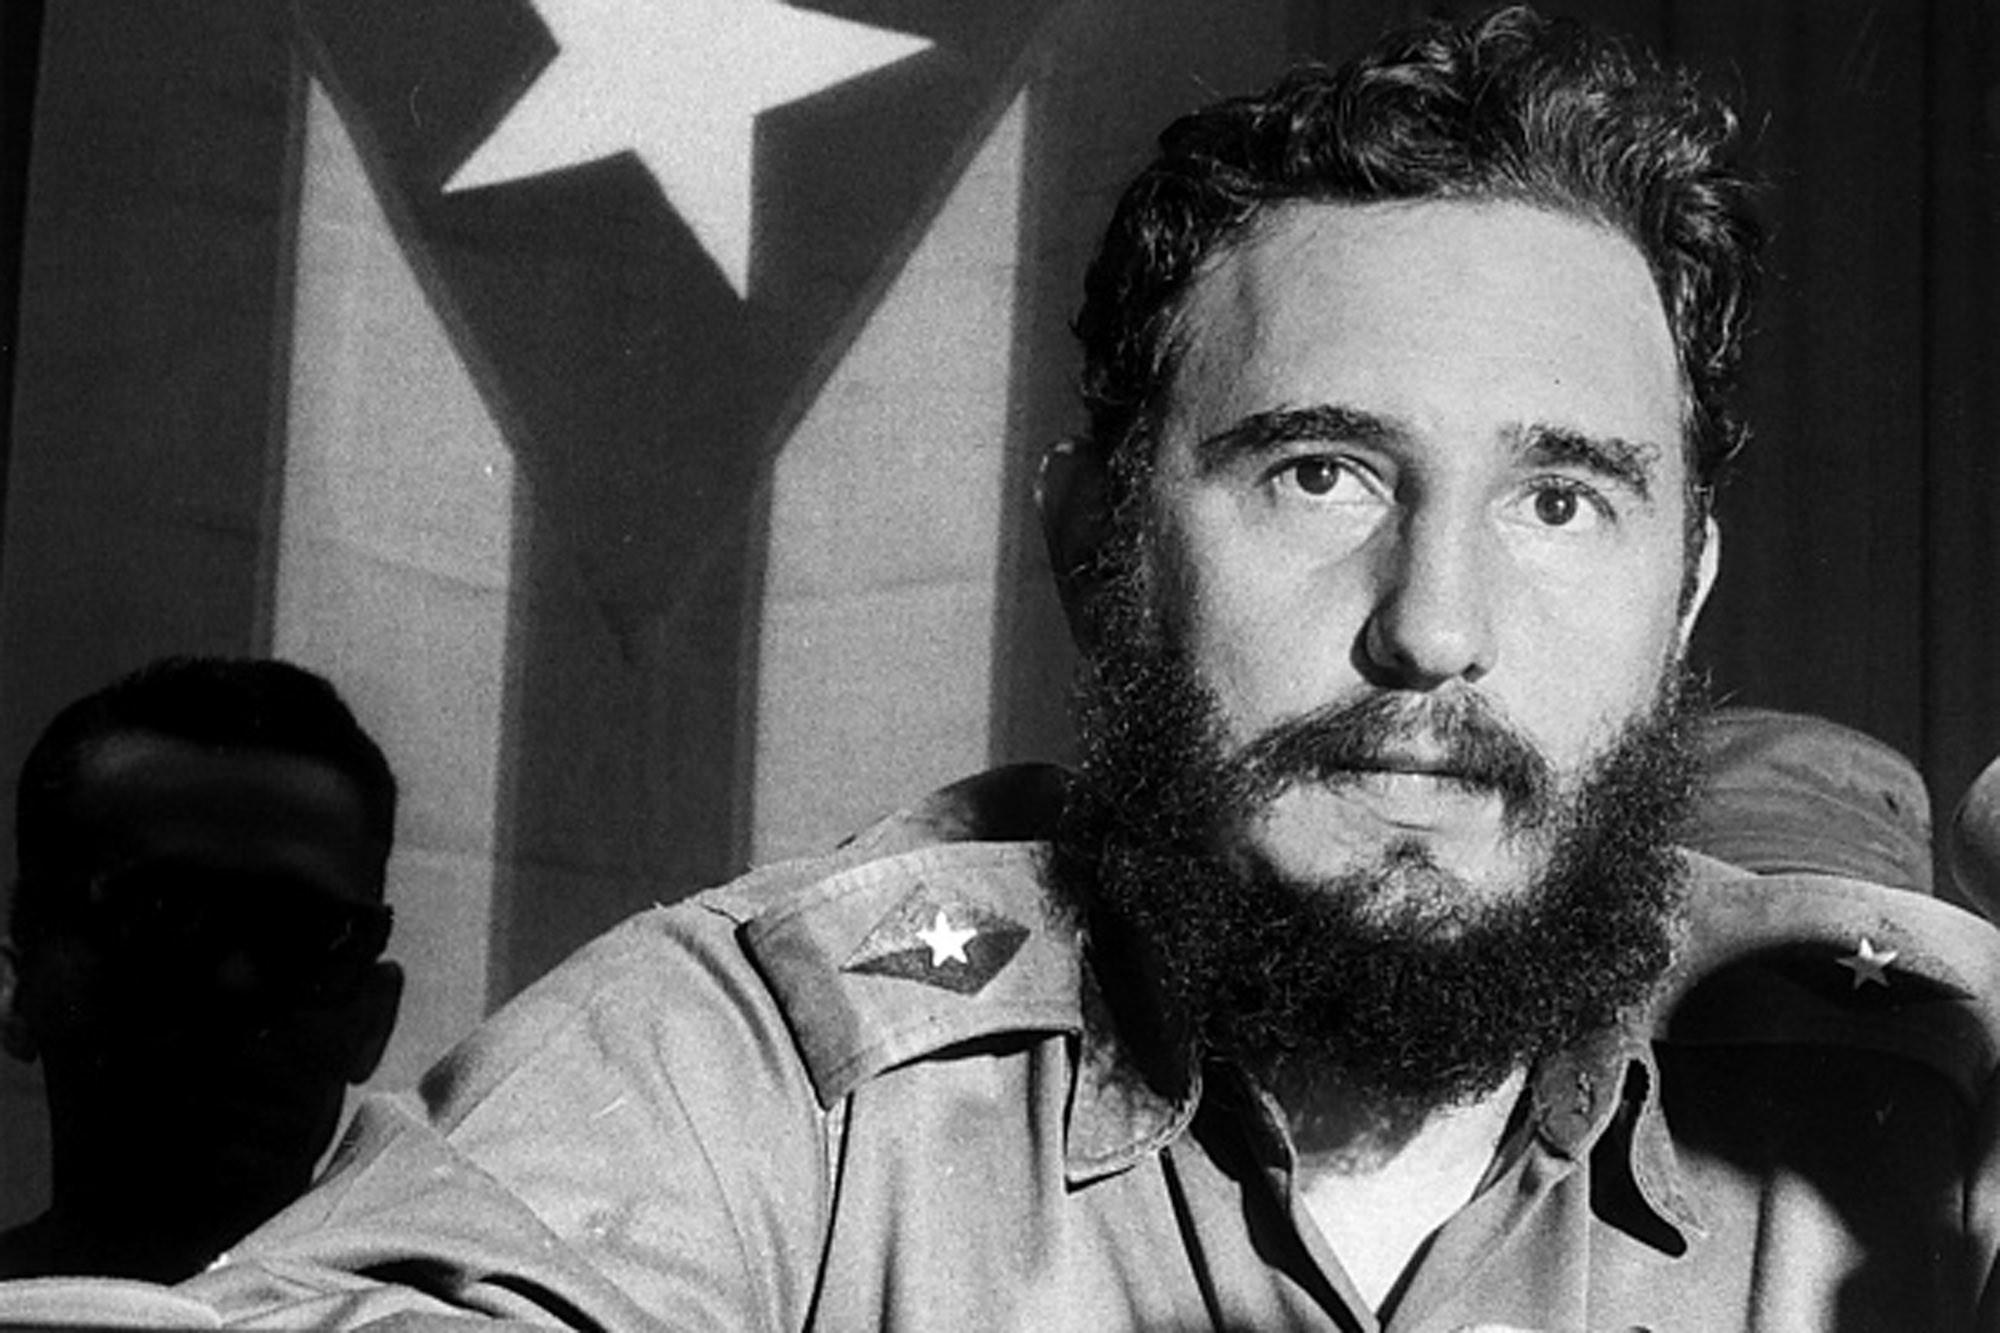 Fidel Castro y Veracruz, seis grados de separación